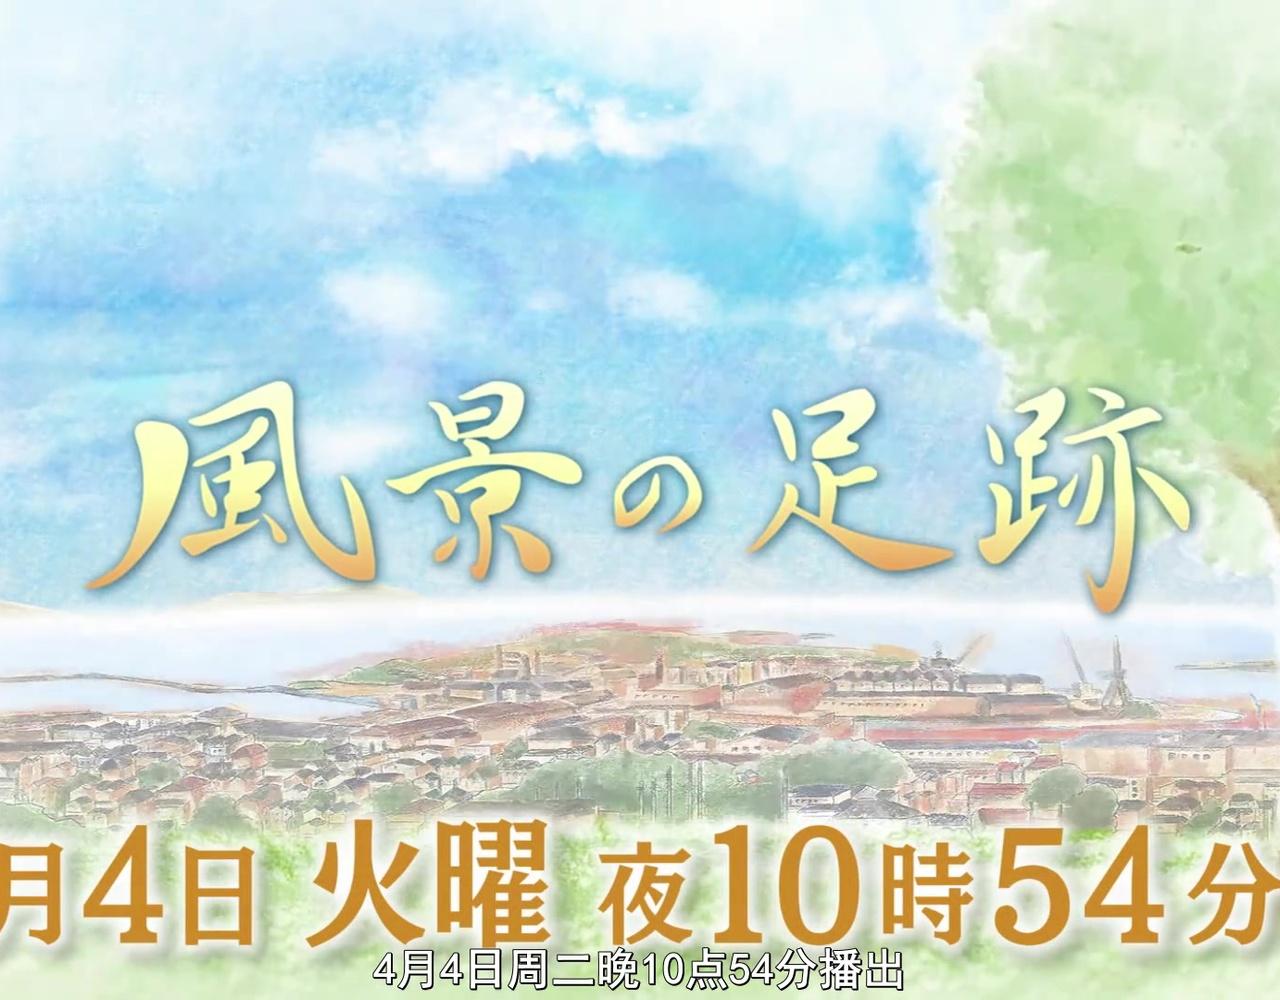 【预告】风景的足迹 #1 万世桥 篇【中日字幕】